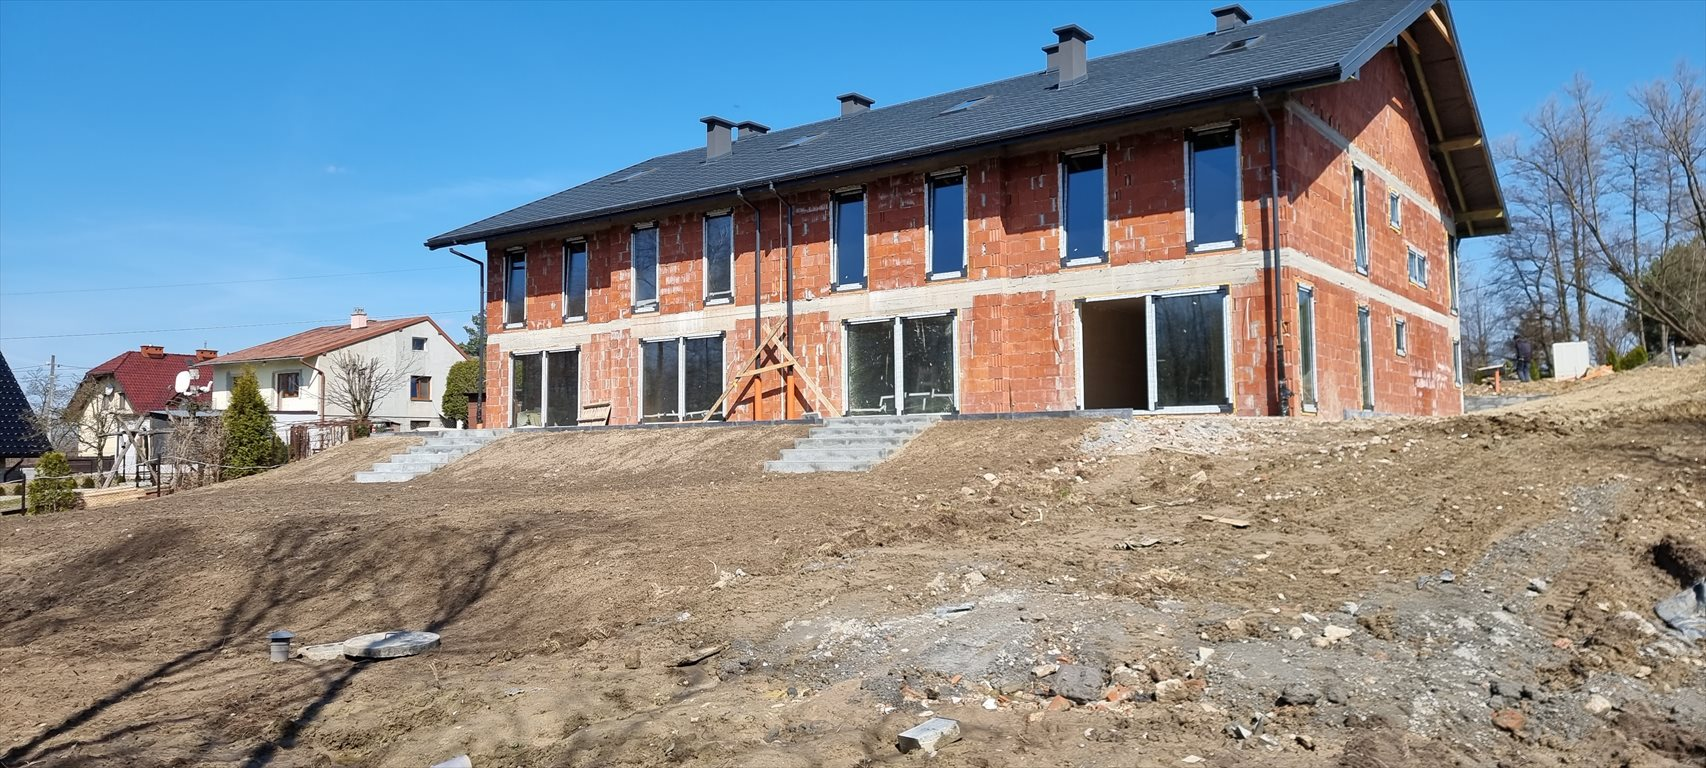 Dom na sprzedaż Kraków, Podgórze, Wyrwa  177m2 Foto 1